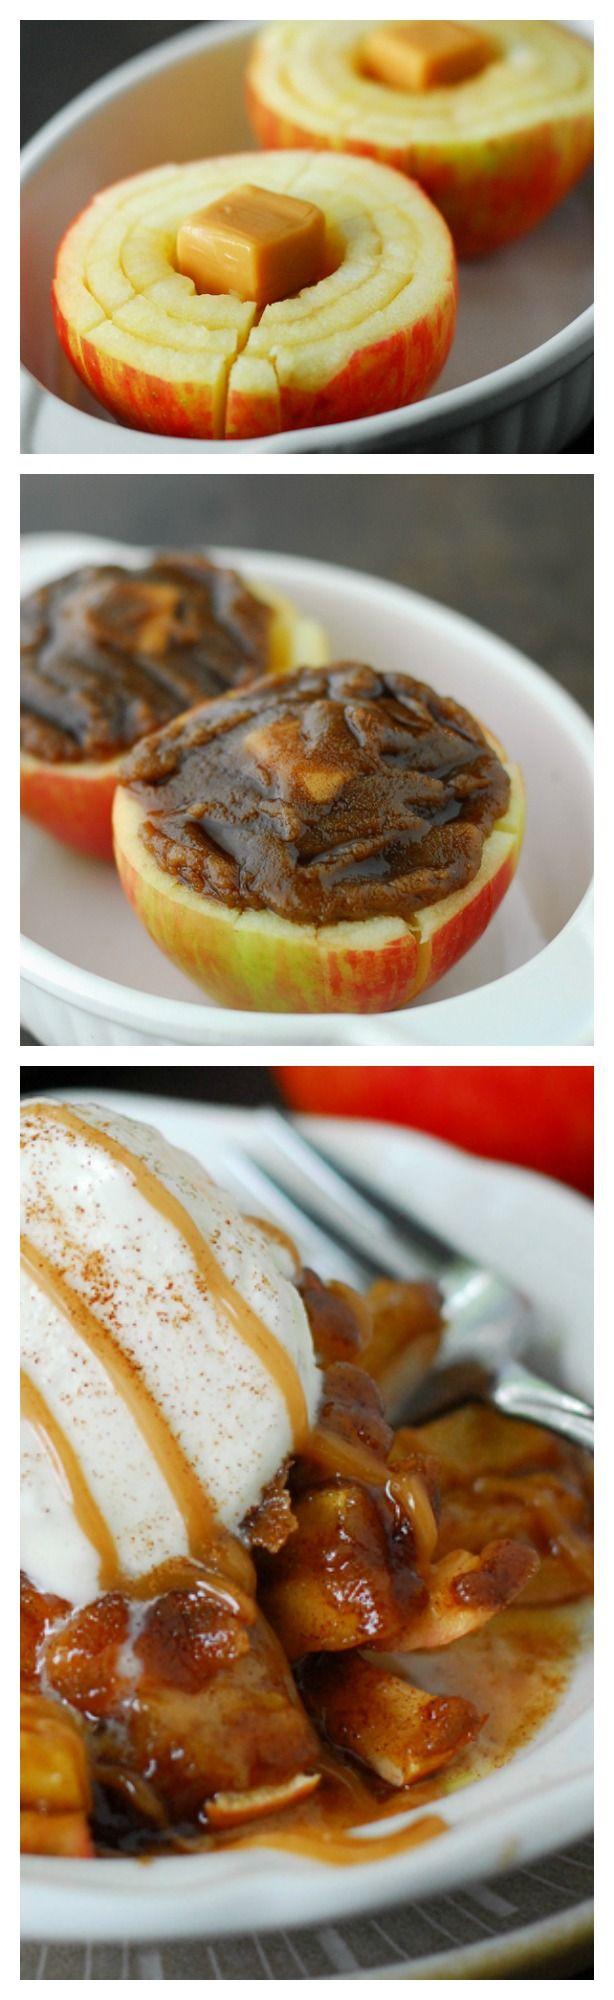 Best 20+ Baked Apples ideas on Pinterest | Apple pie dumplings ...